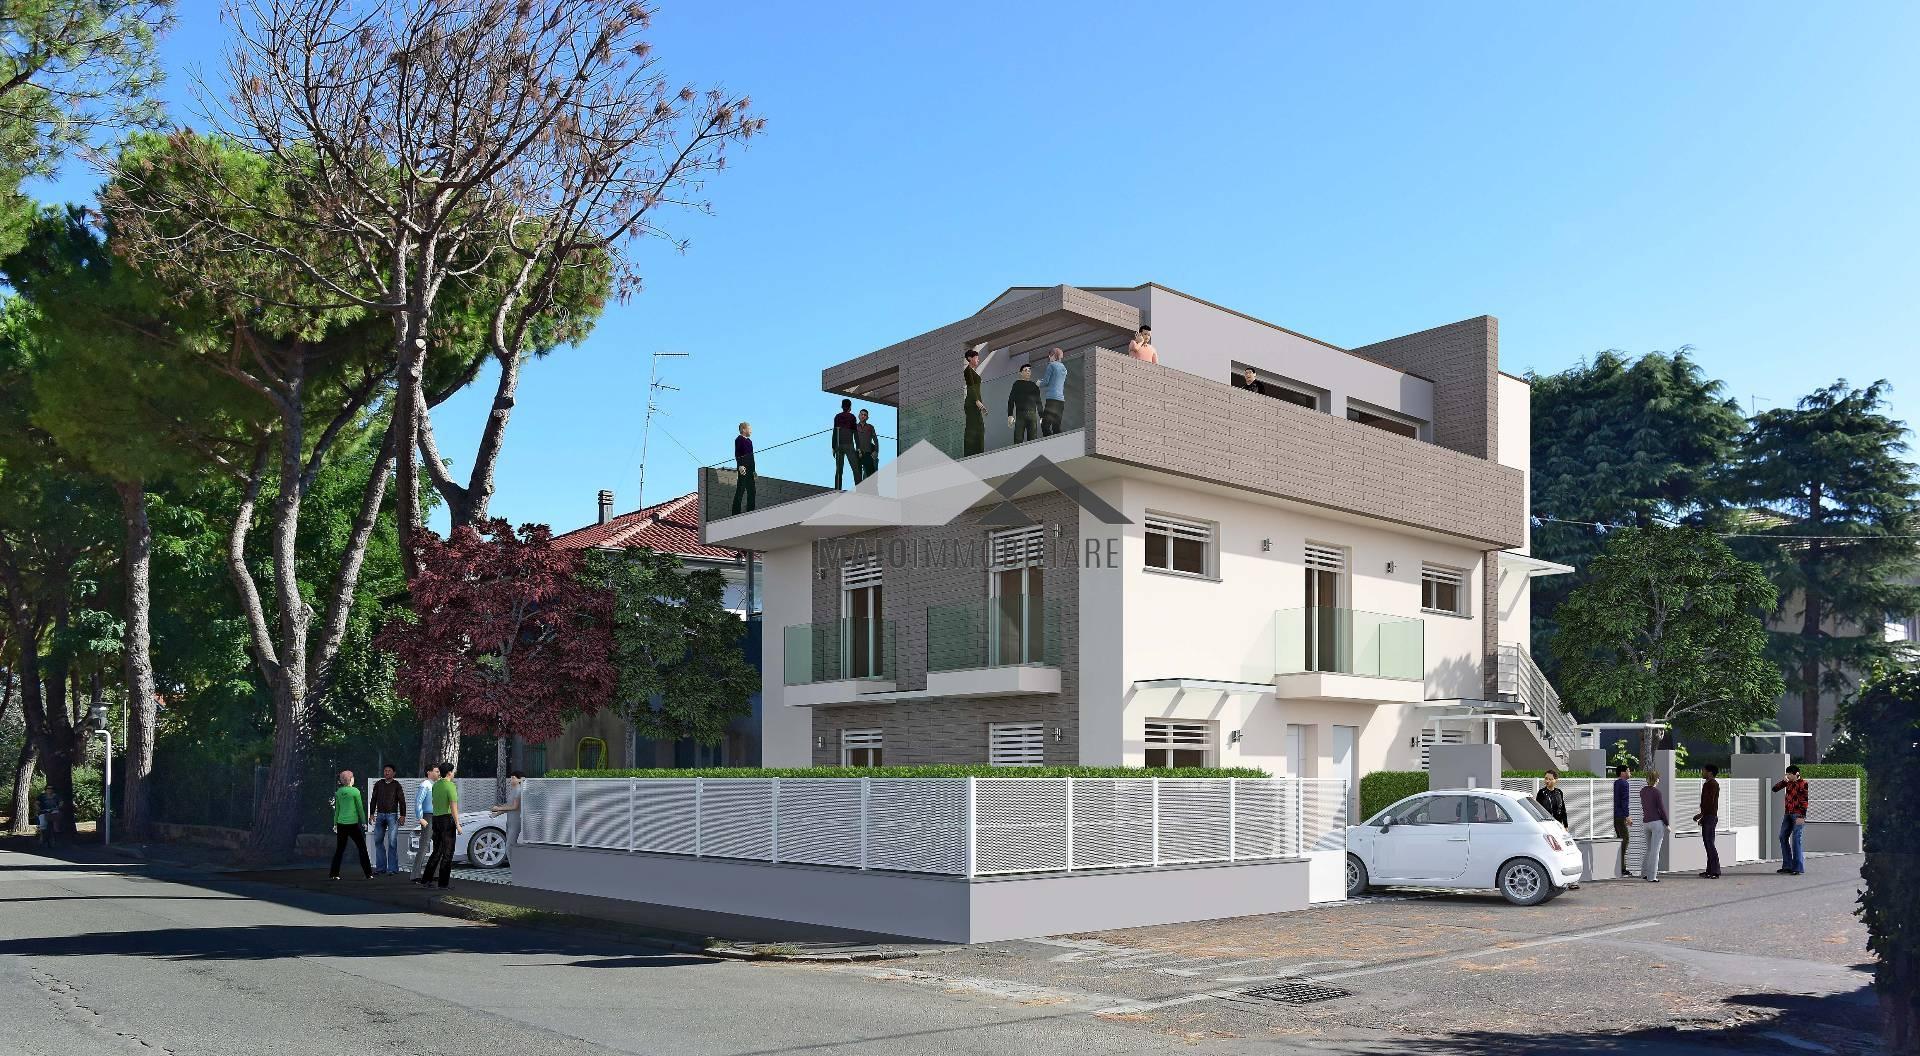 Appartamento in vendita a Riccione, 3 locali, zona Località: TERME, prezzo € 330.000   Cambio Casa.it